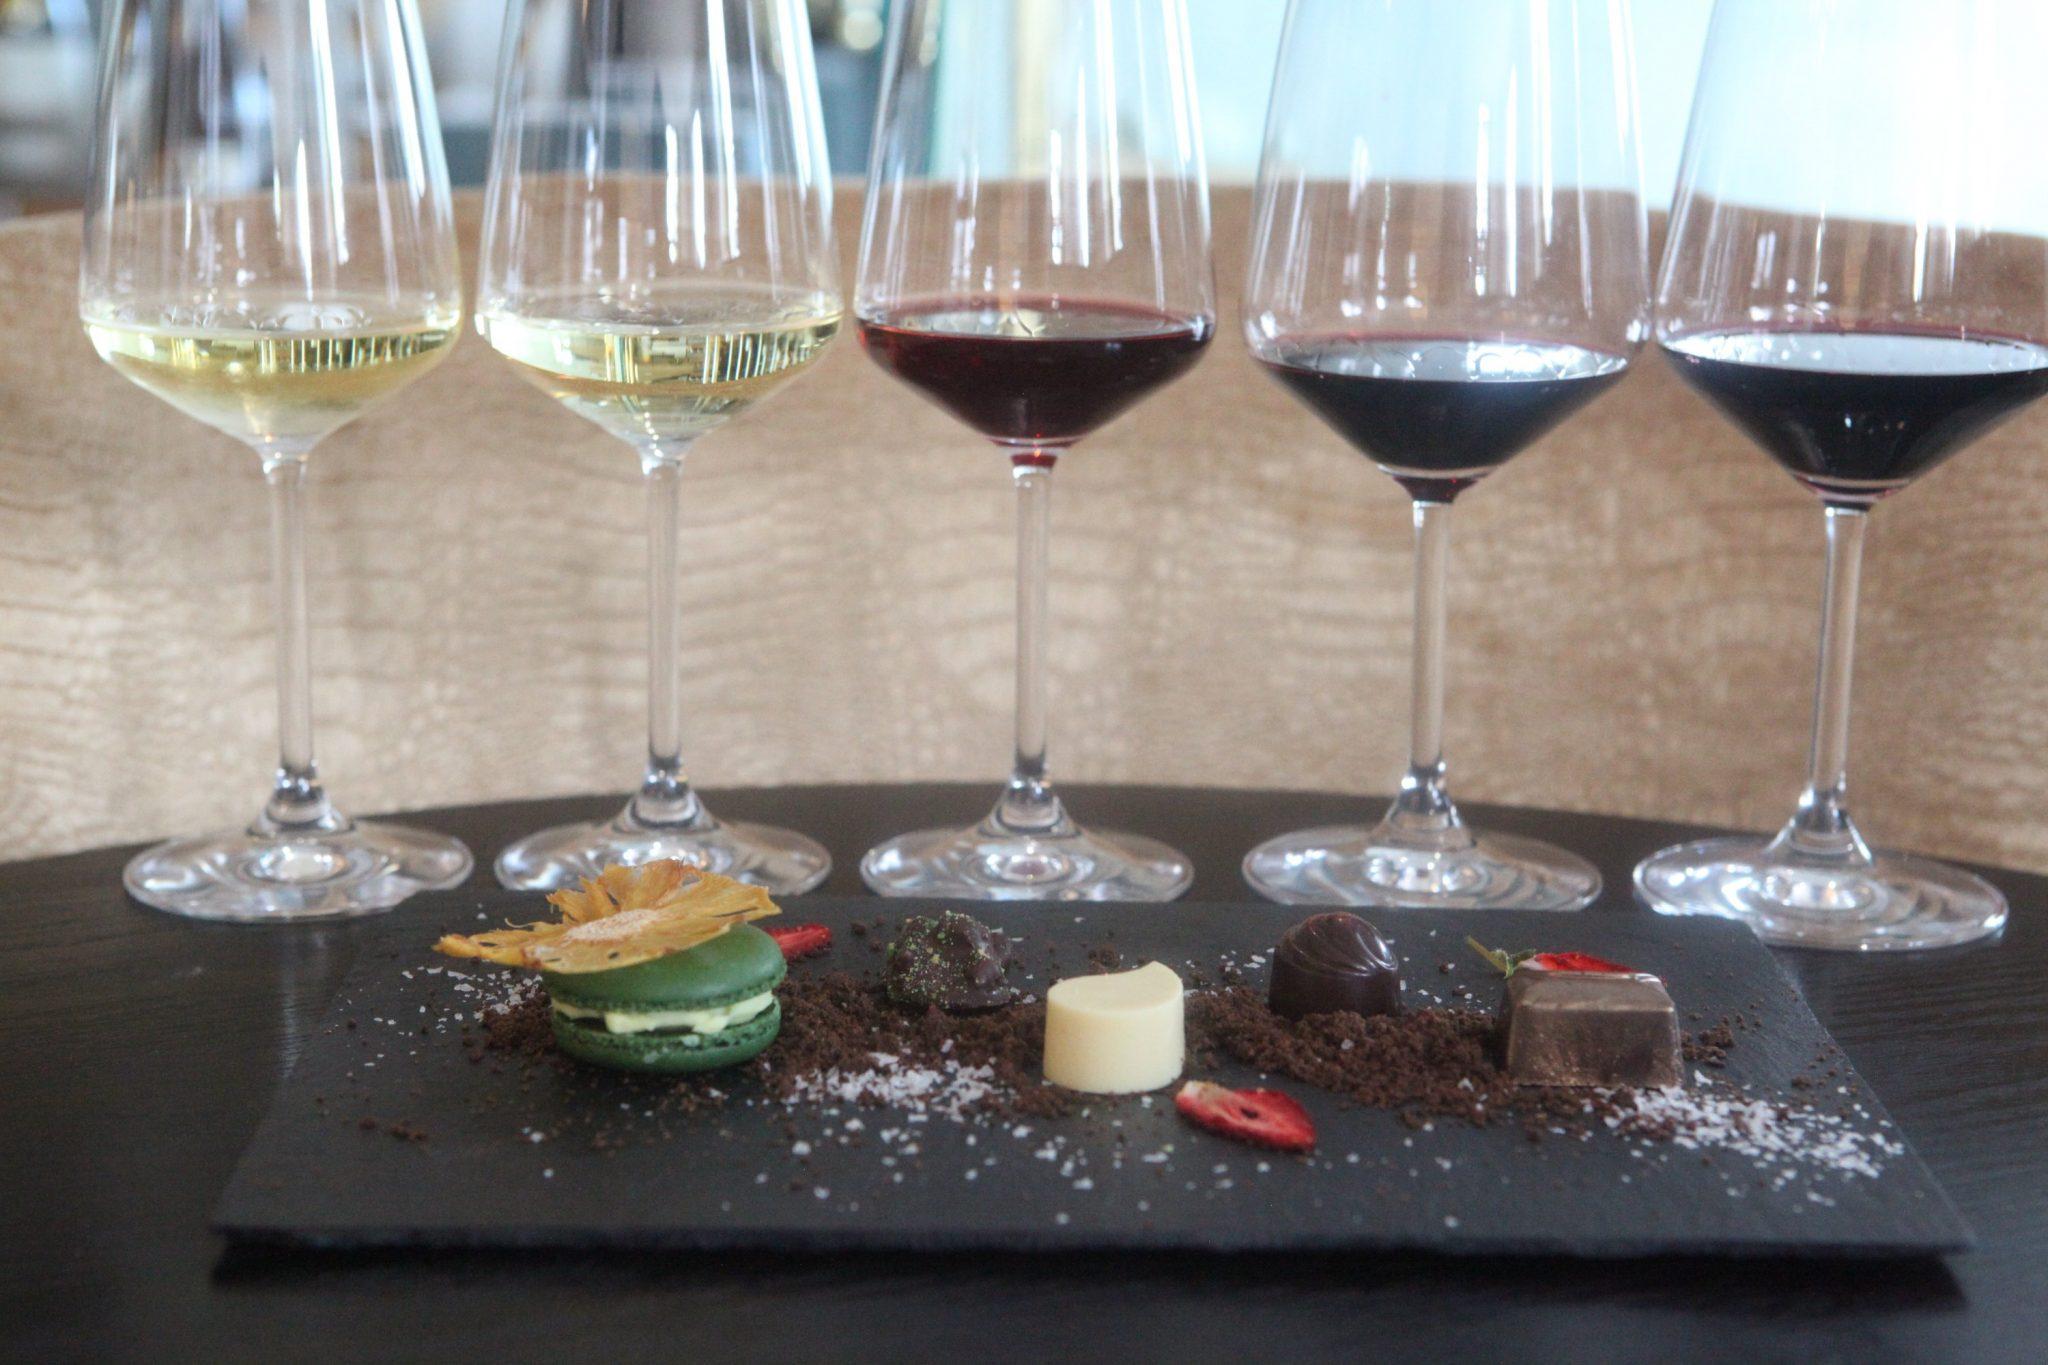 chocolate winepairing benguela cove sonia cabano blog eatdrinkcapetown